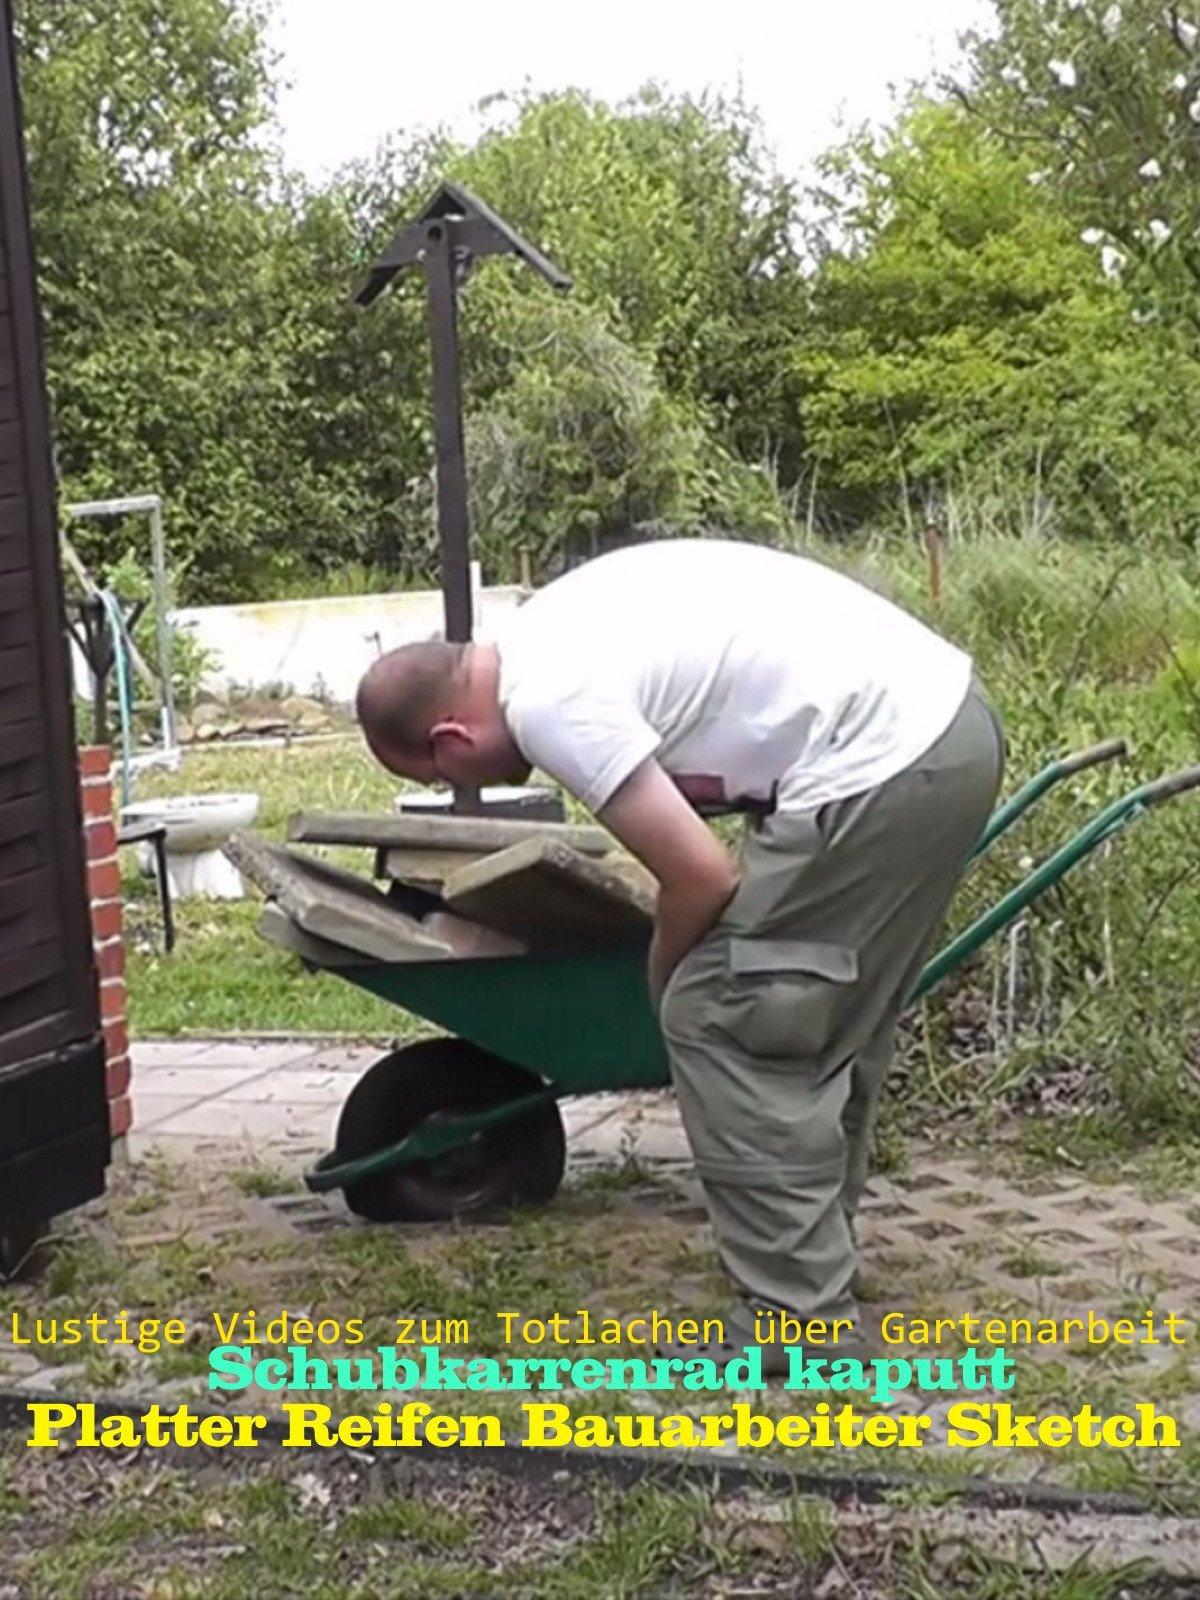 Platter Reifen Bauarbeiter Sketch - Schubkarrenrad kaputt - Lustige Videos zum Totlachen über Gartenarbeit on Amazon Prime Video UK